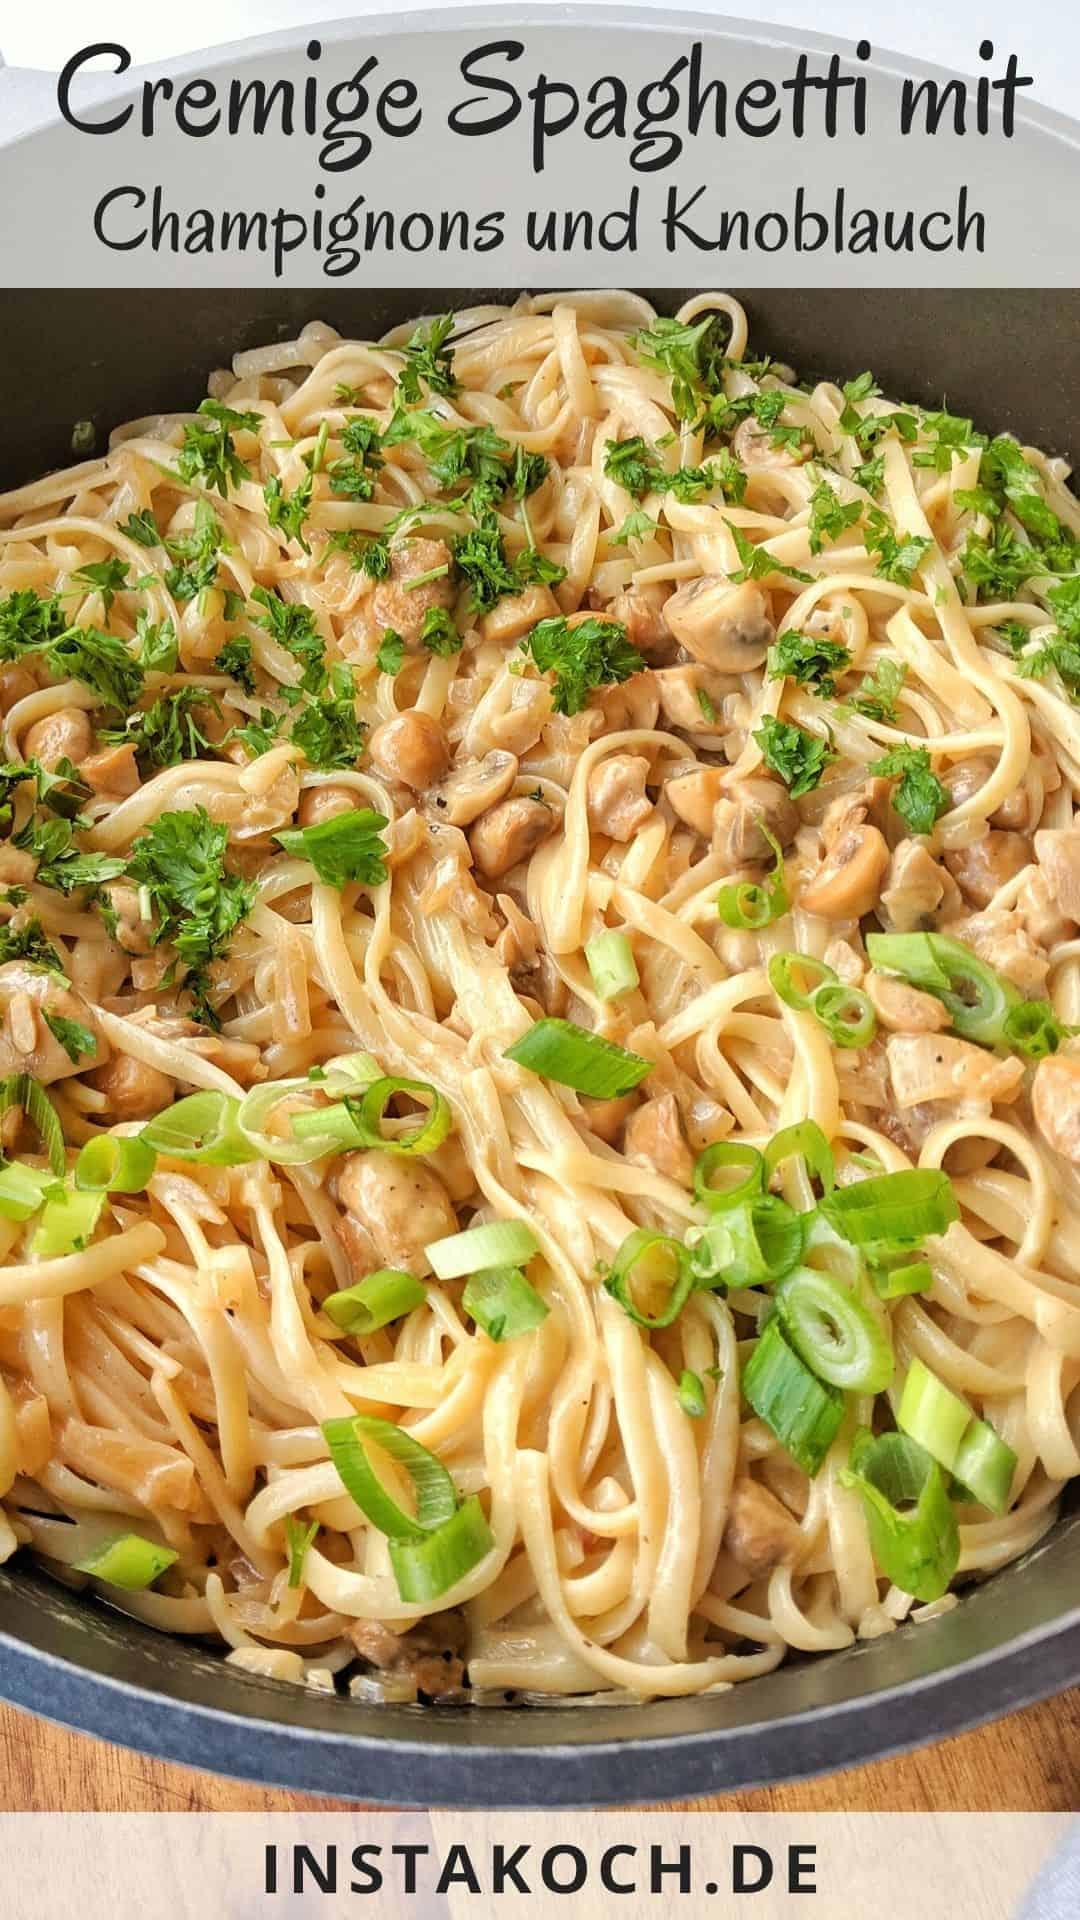 Eine Pfanne mit Spaghetti mit Champignons und Knoblauch.